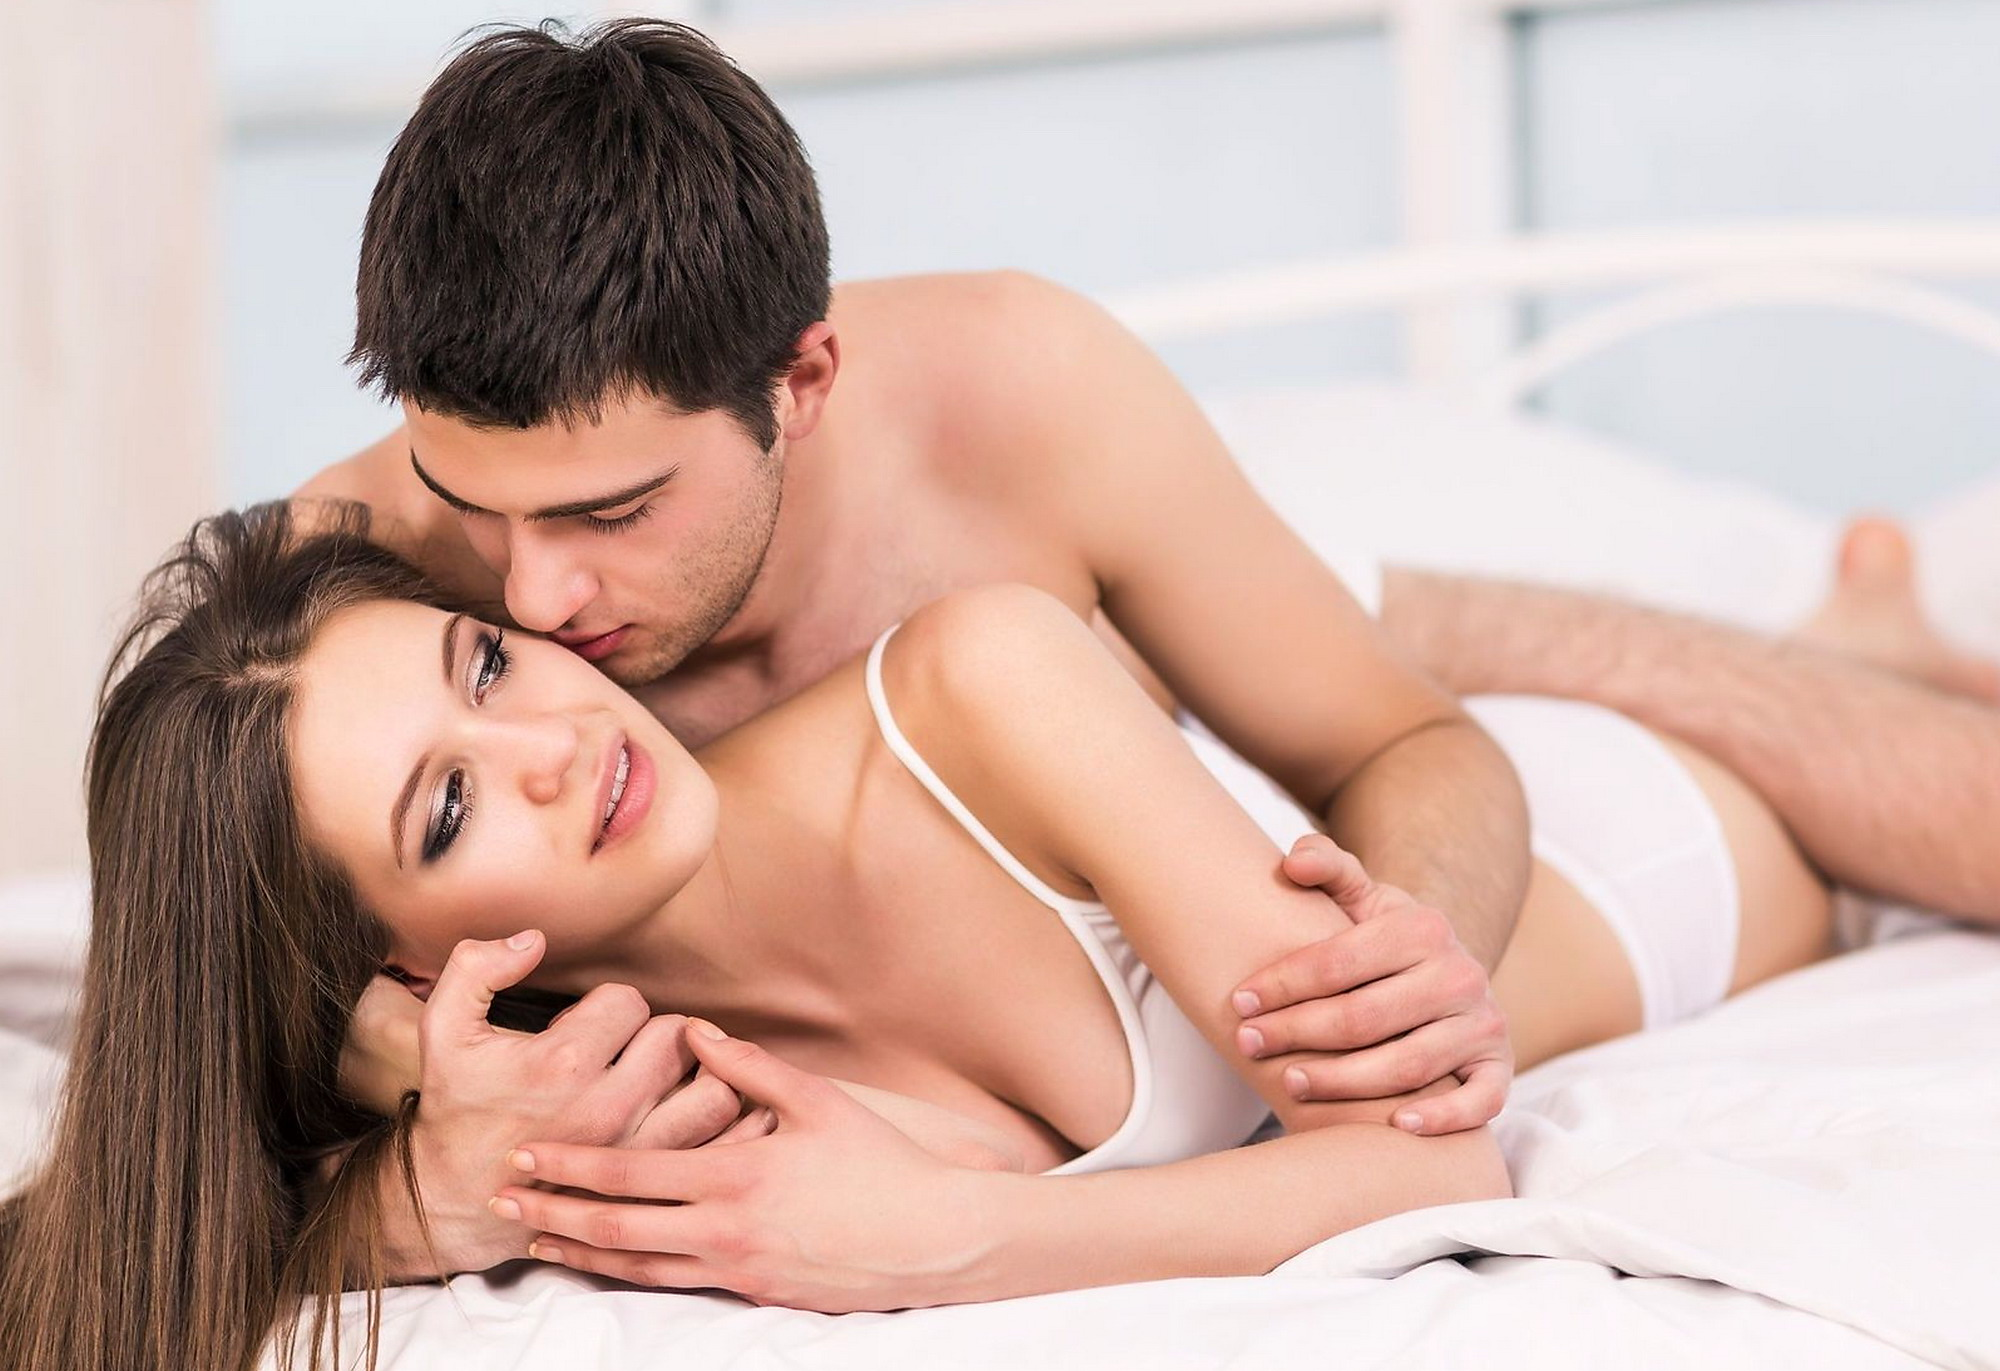 come posso rimanere duro durante il rapporto sessuale